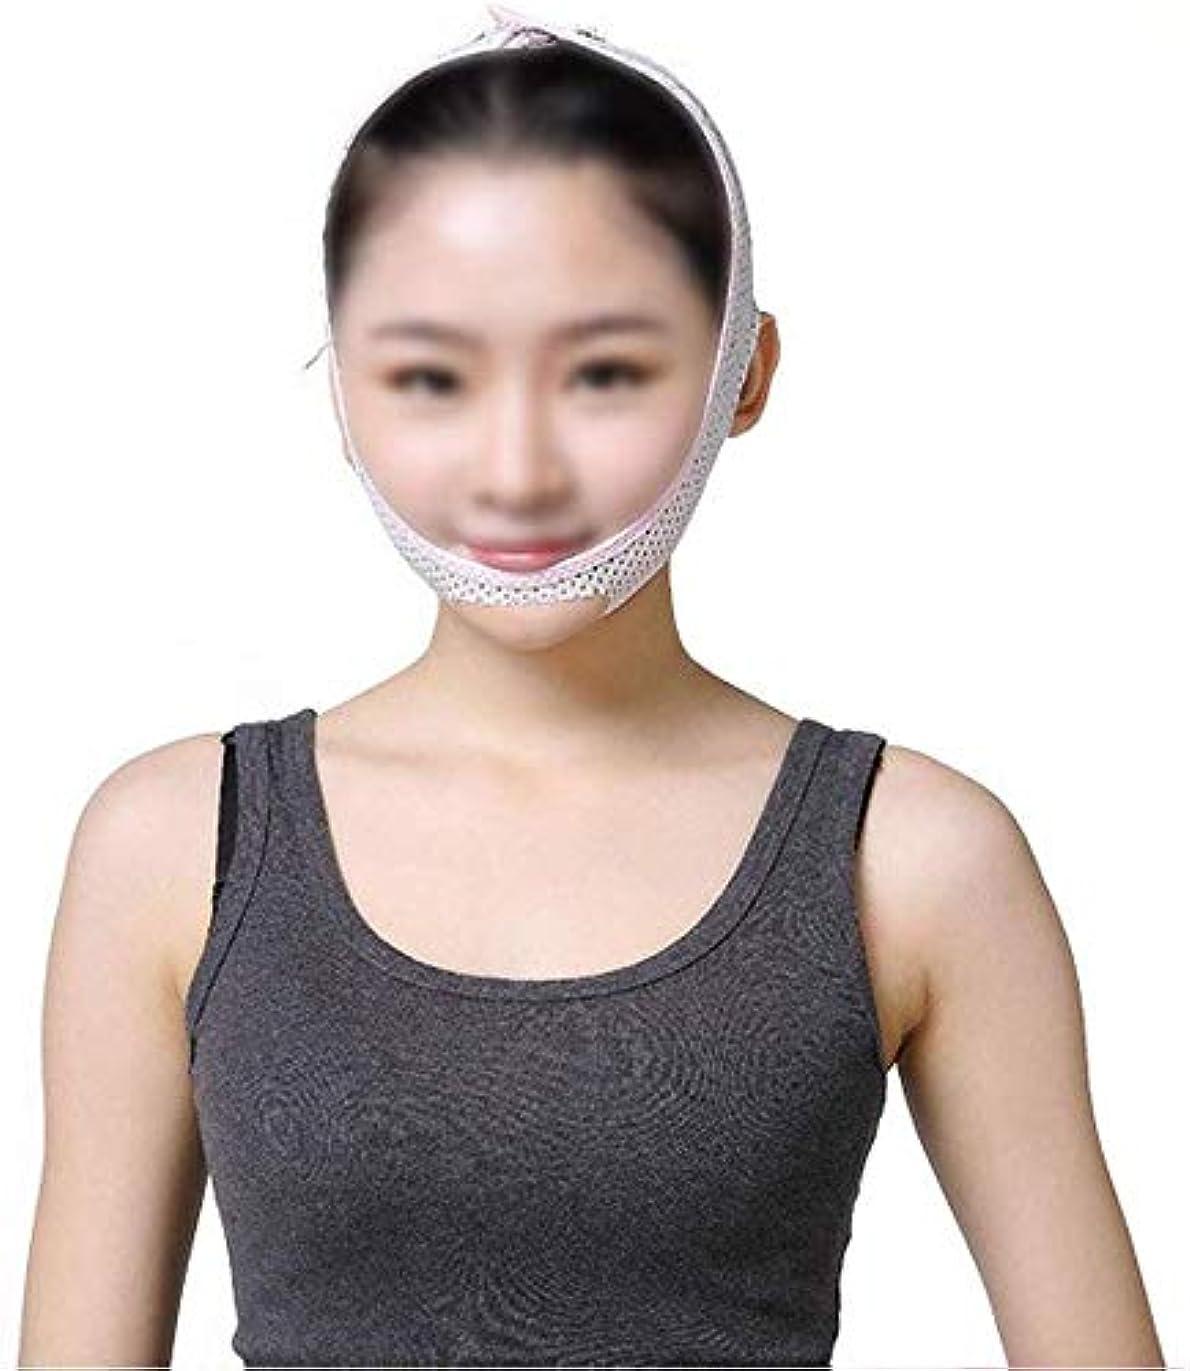 商品ガラガラ遺体安置所美容と実用的なフェイスリフティングマスク、快適で リフティングスキンファーミングスリープシンフェイスアーティファクトアンチリンクル/リムーブダブルチン/術後回復マスク